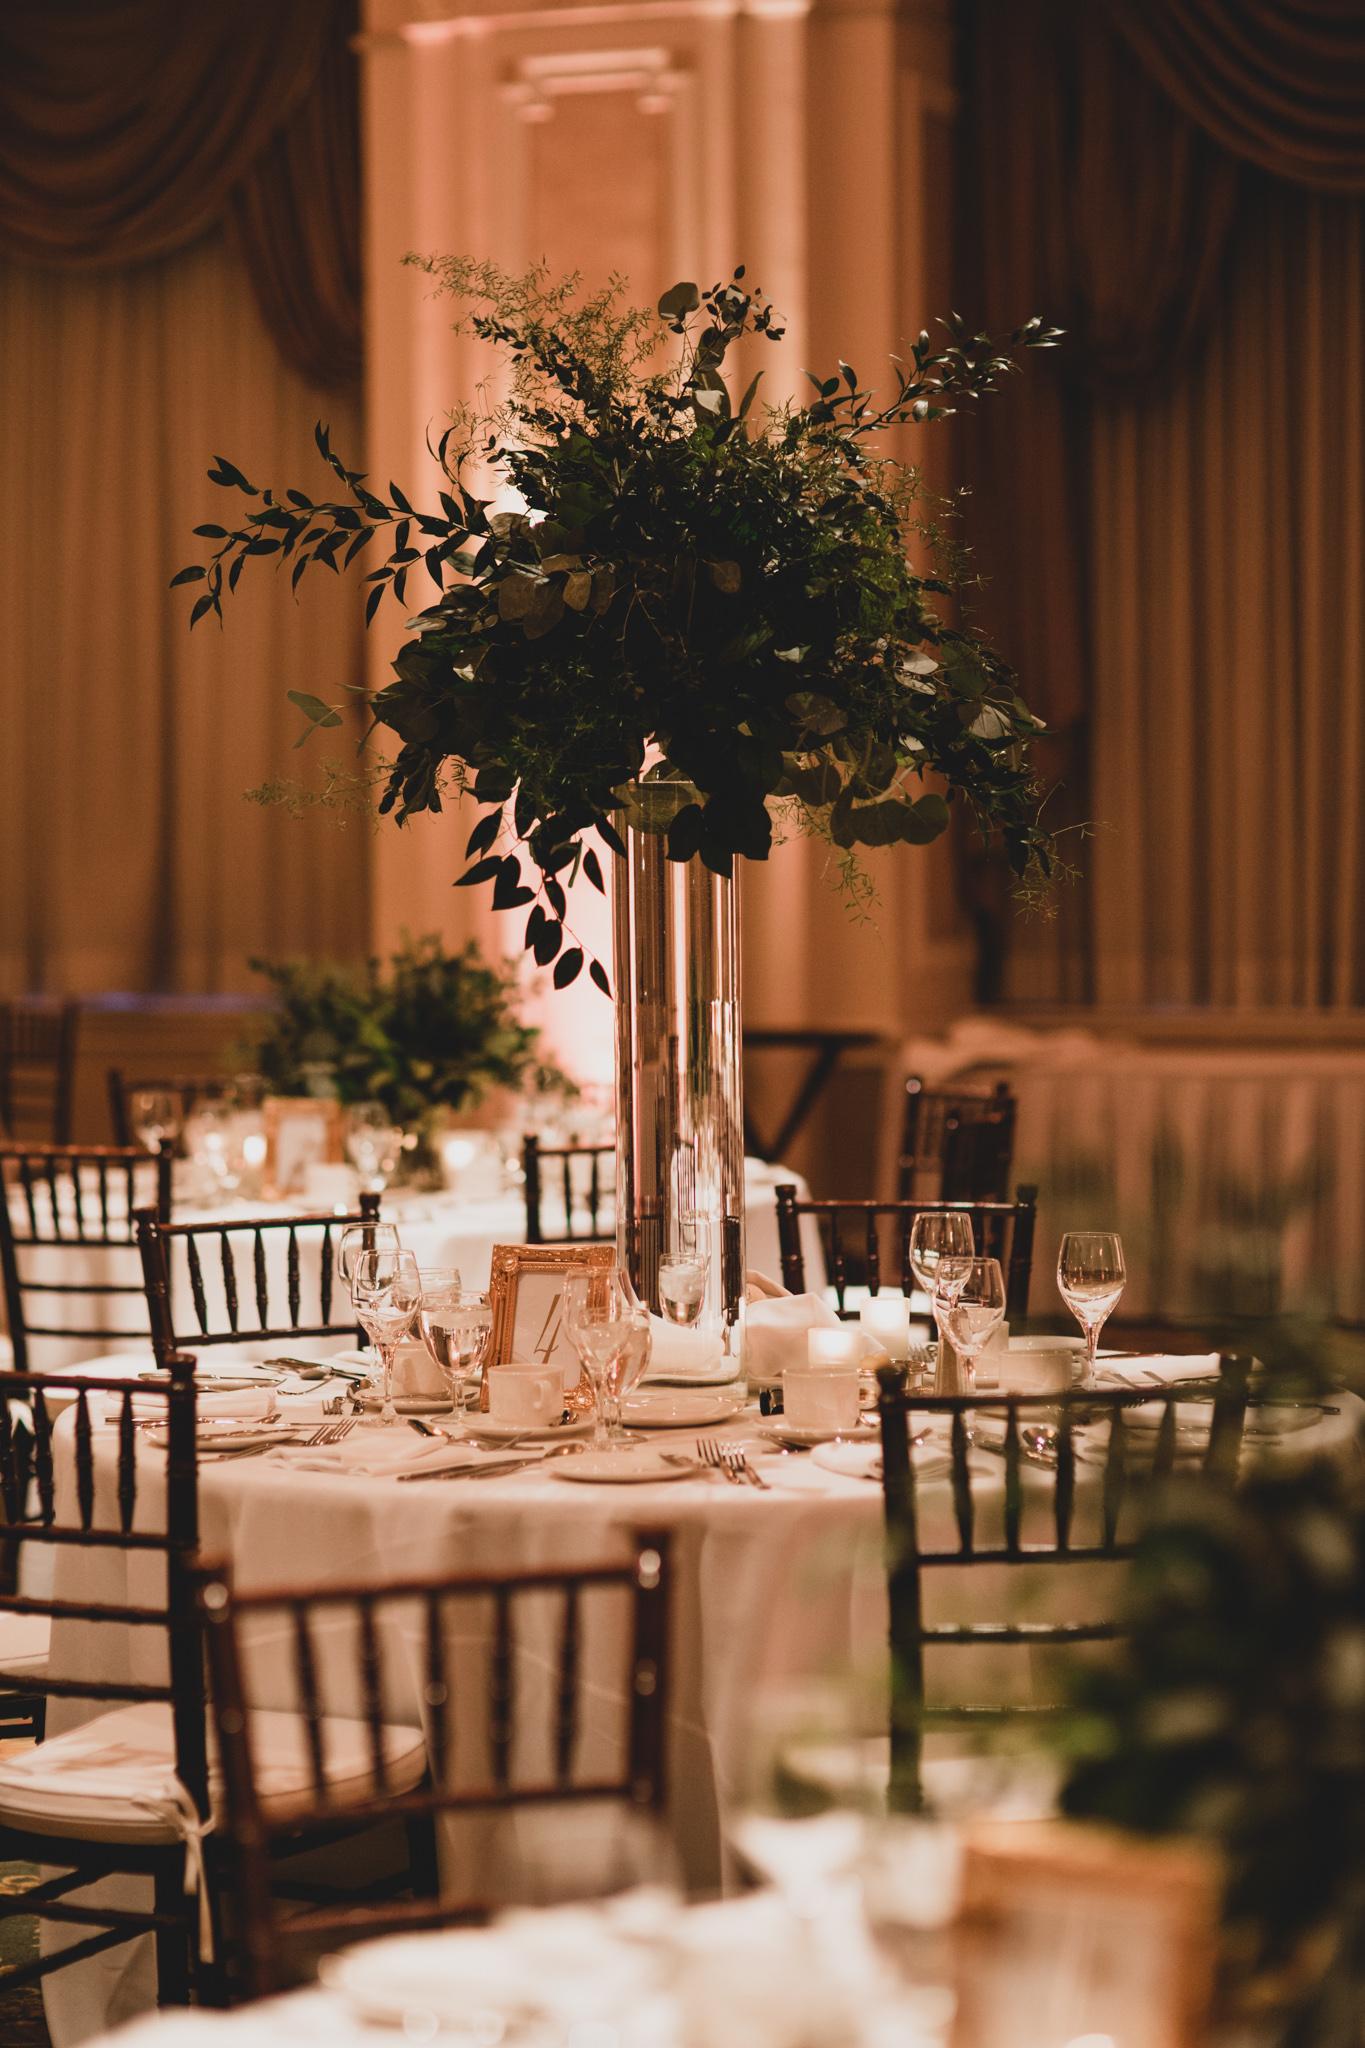 Wedecor Ottawa Wedding Chateau Laurier